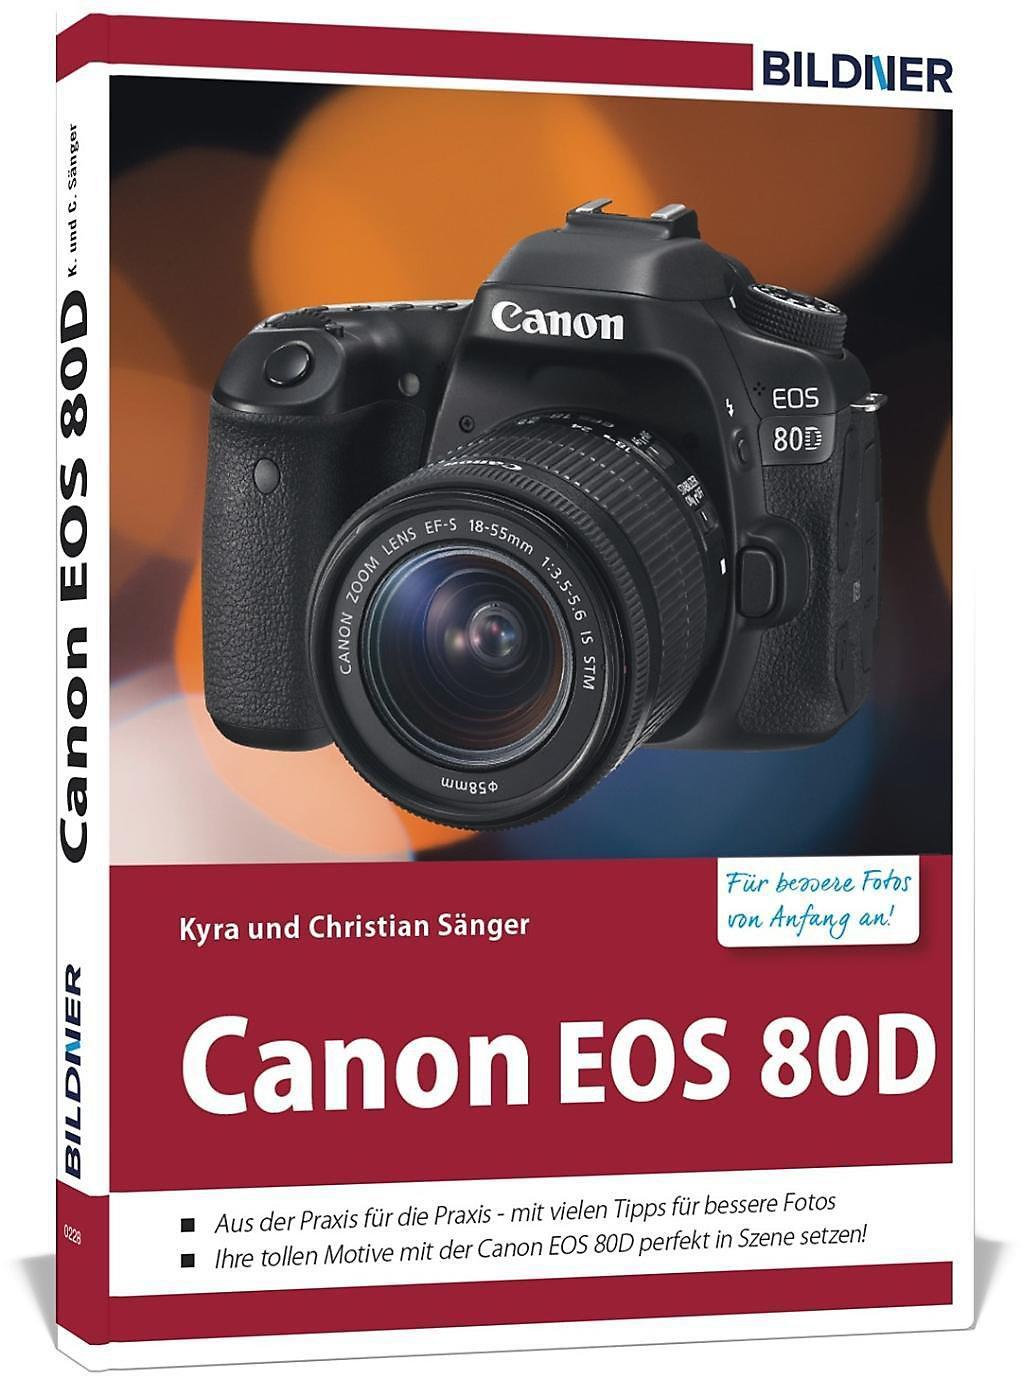 Canon EOS 80D - Für bessere Fotos von Anfang an! Buch portofrei